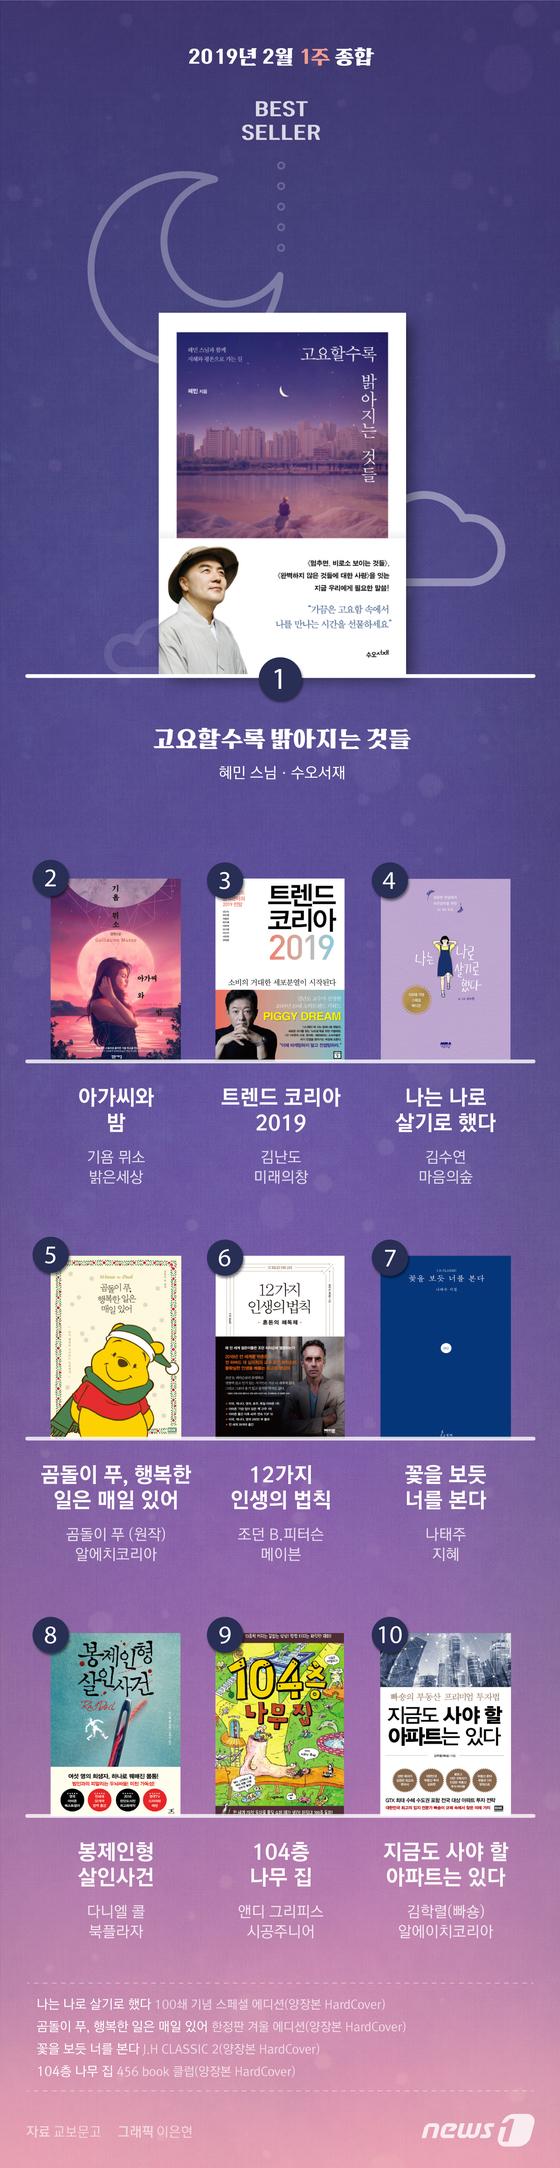 [그래픽뉴스] 2019년 2월 2주 종합 베스트셀러